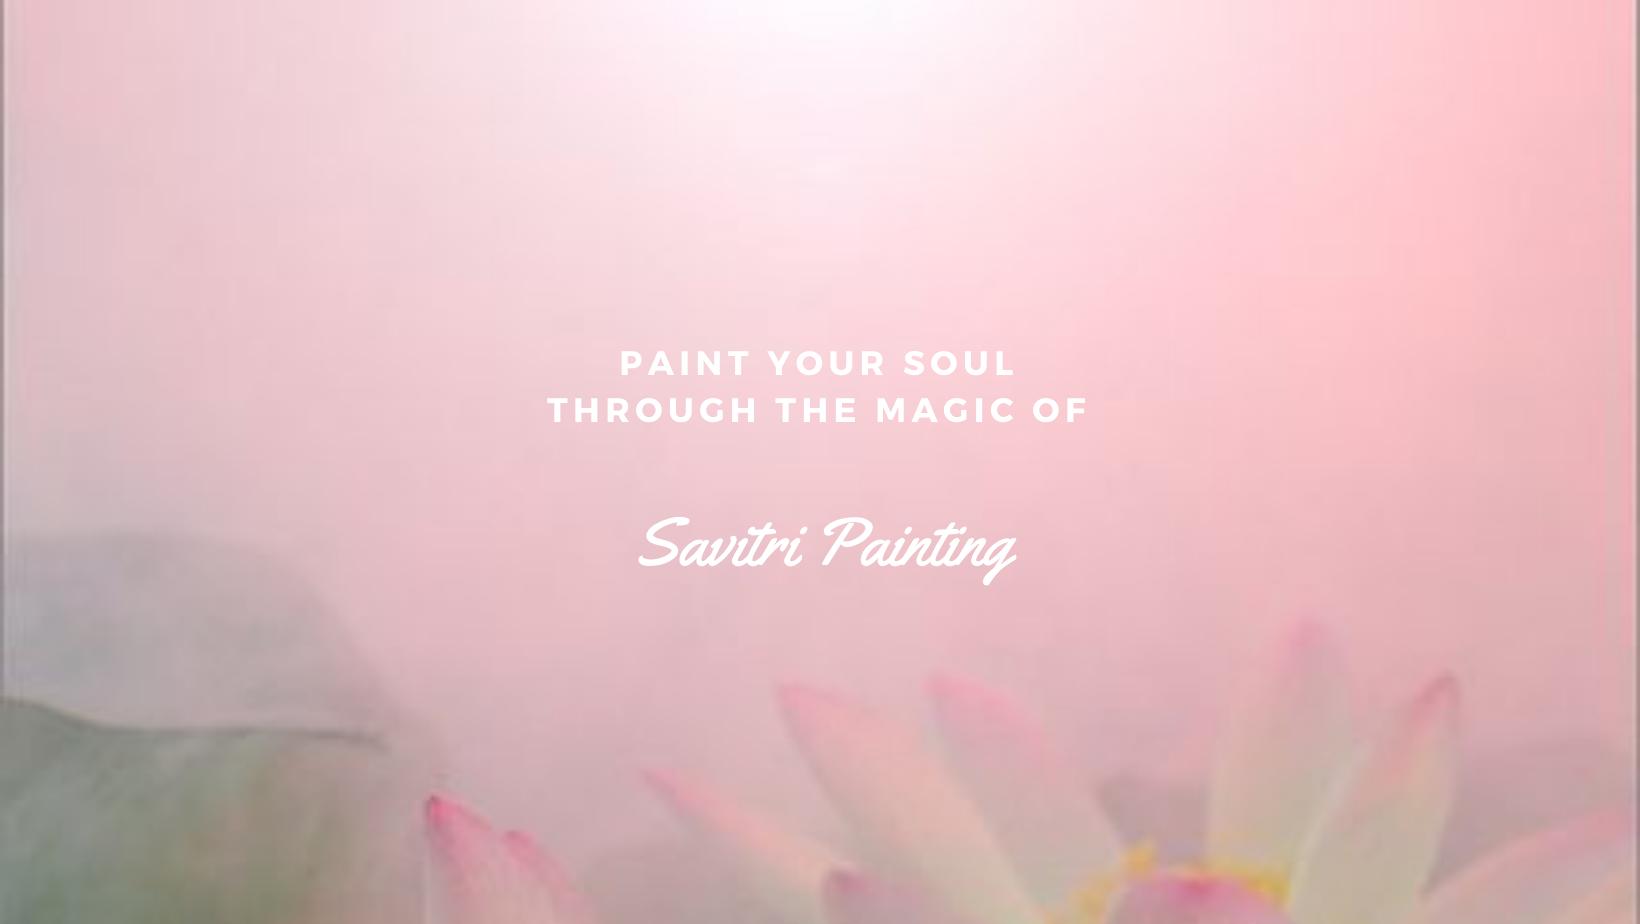 Savitri Painting January 2021